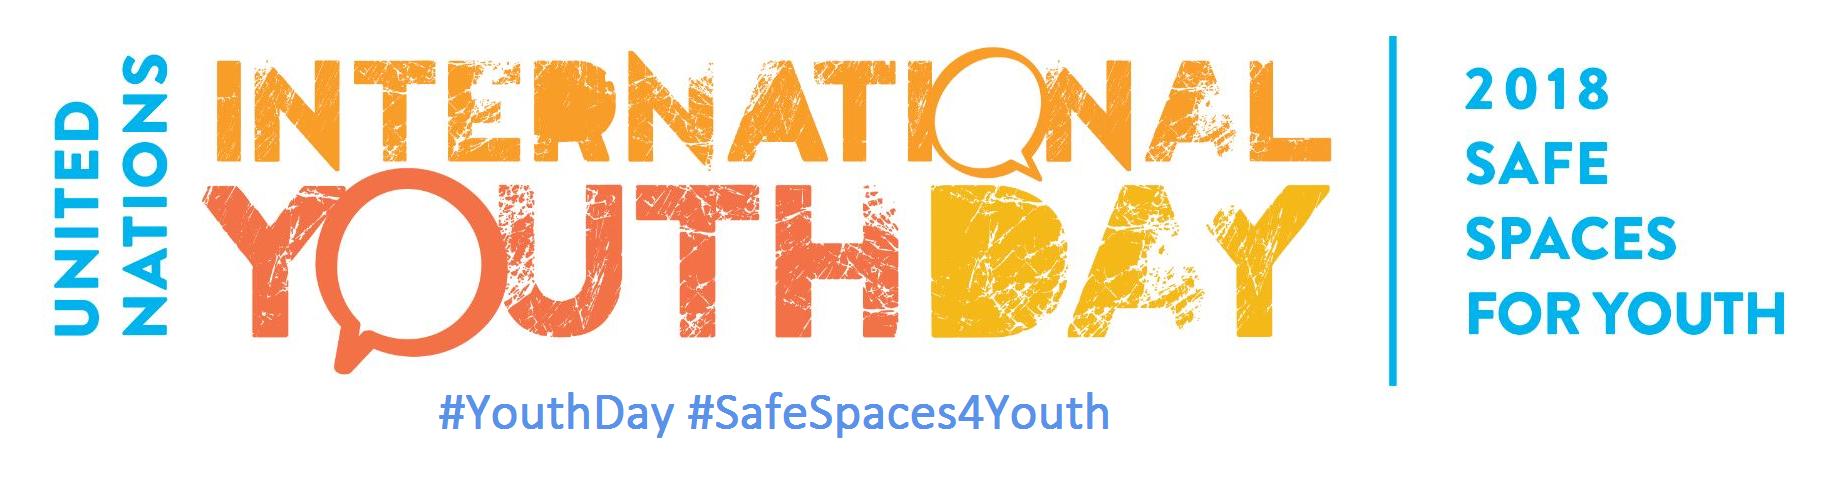 بیست و یکم مردادماه؛ روز جهانی جوانان